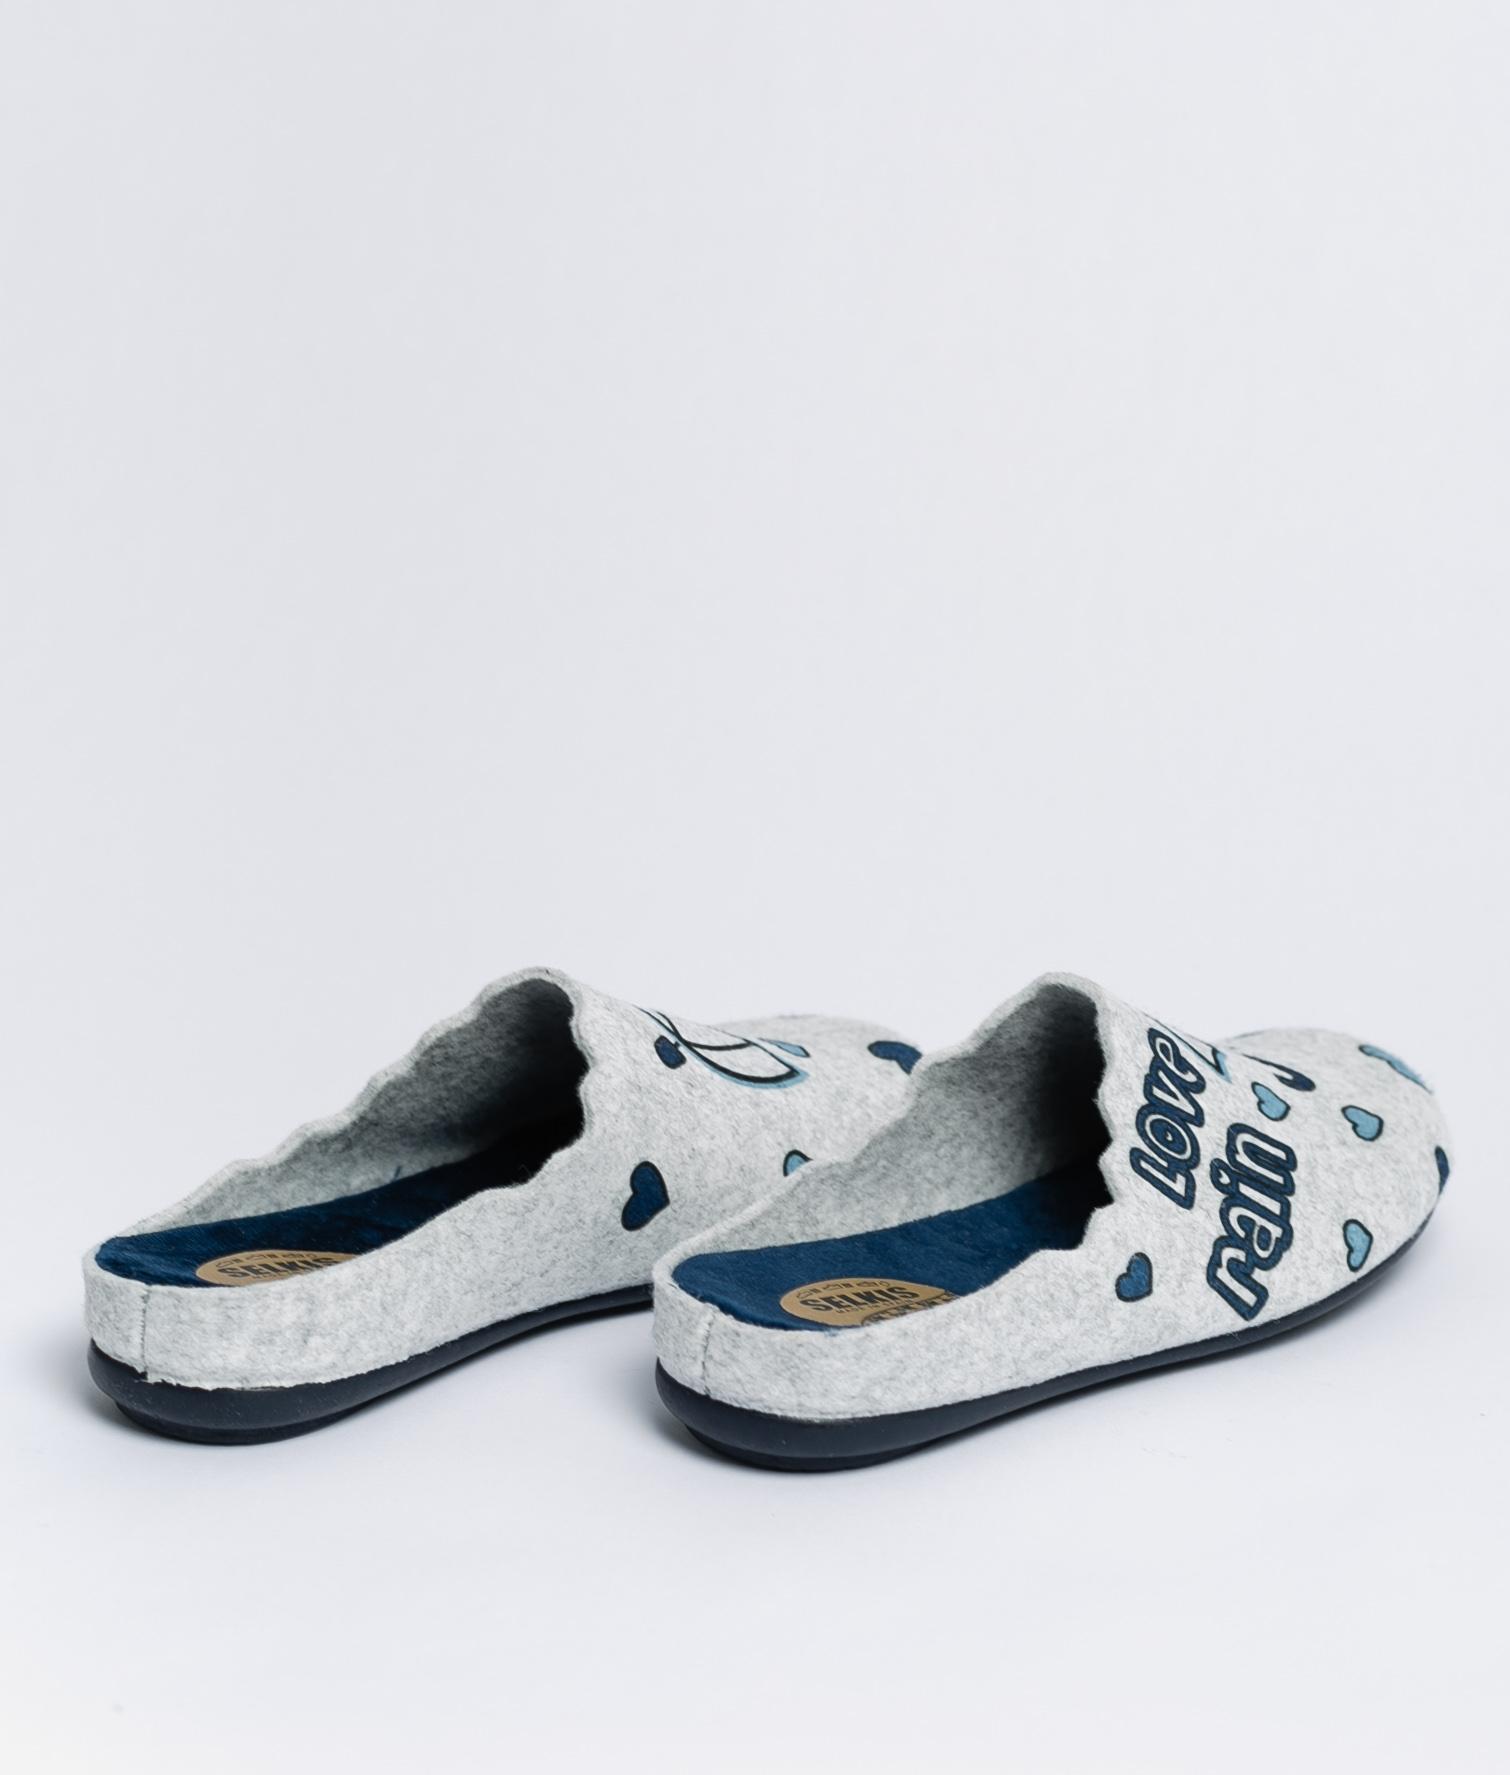 RAIN SLIPPERS - DARK BLUE